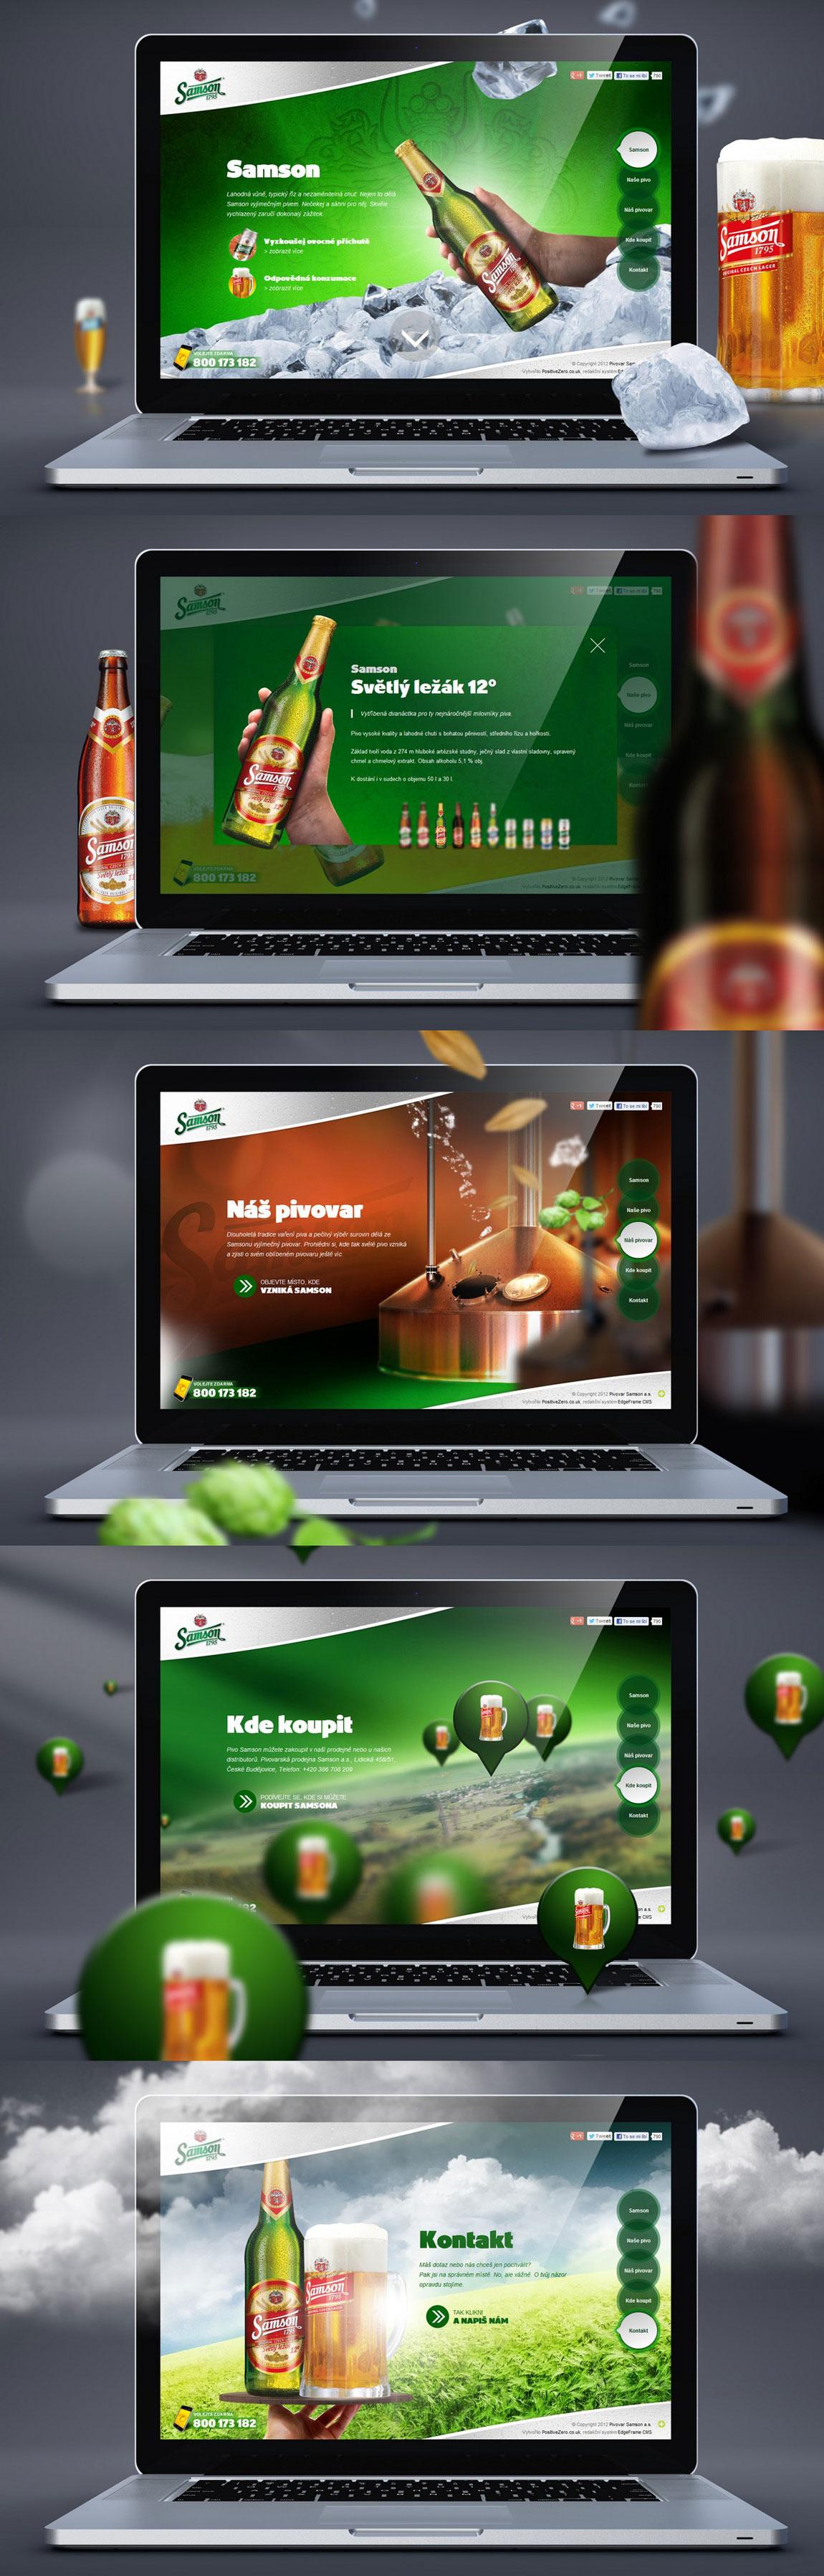 Samson Brewery Website Screenshot